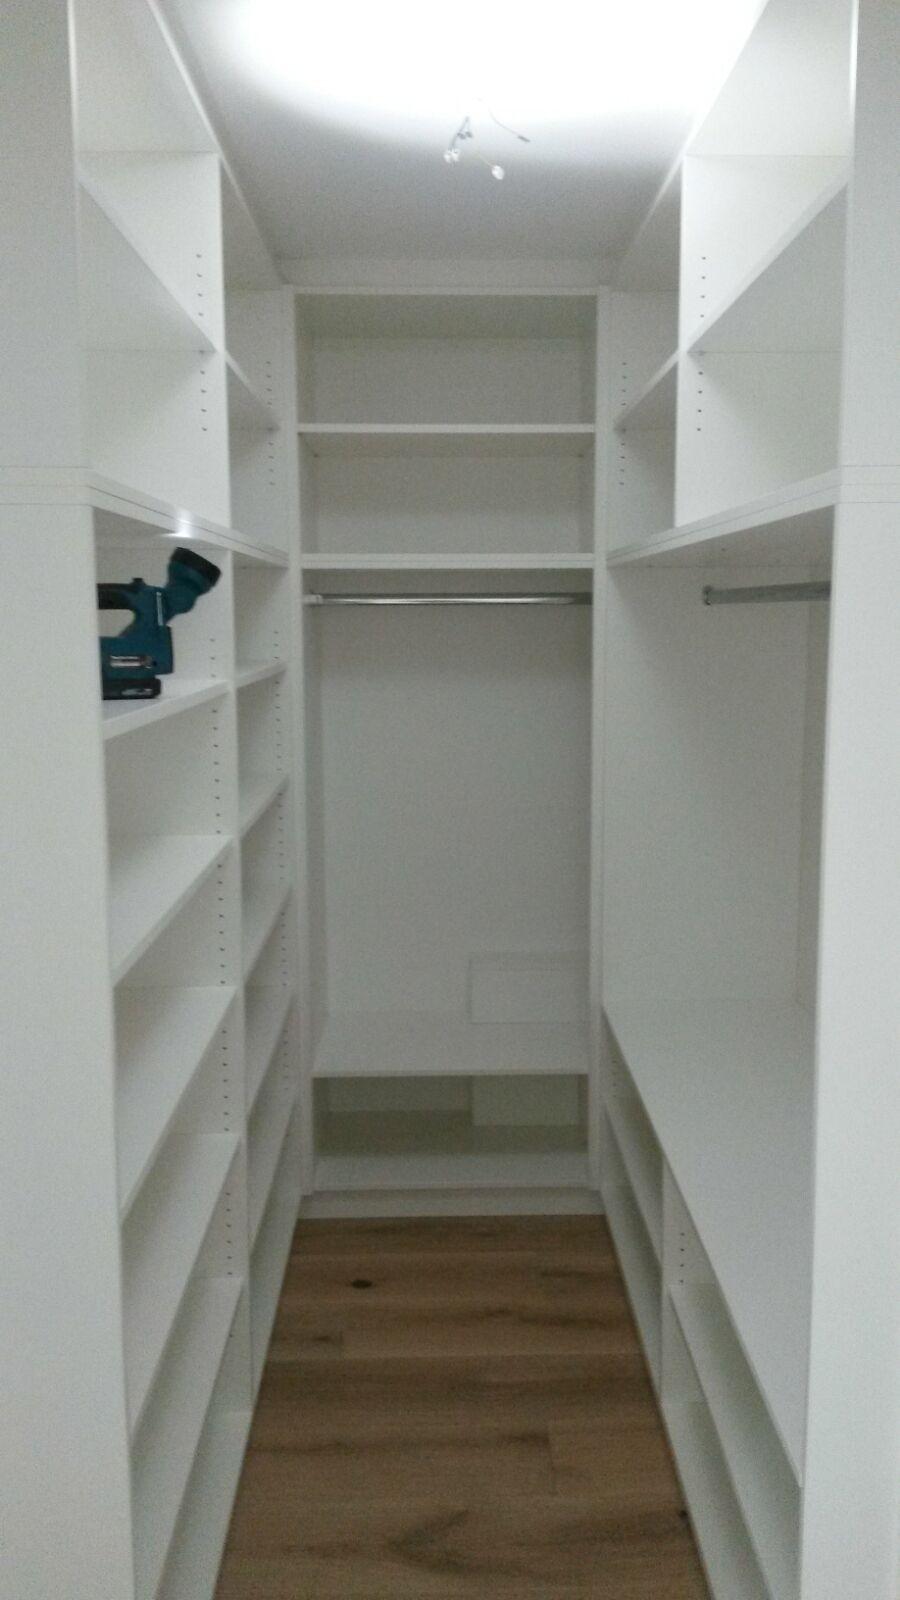 sch n begehbarer kleiderschrank kleiner raum organize pinterest cl set vestidor y armario. Black Bedroom Furniture Sets. Home Design Ideas